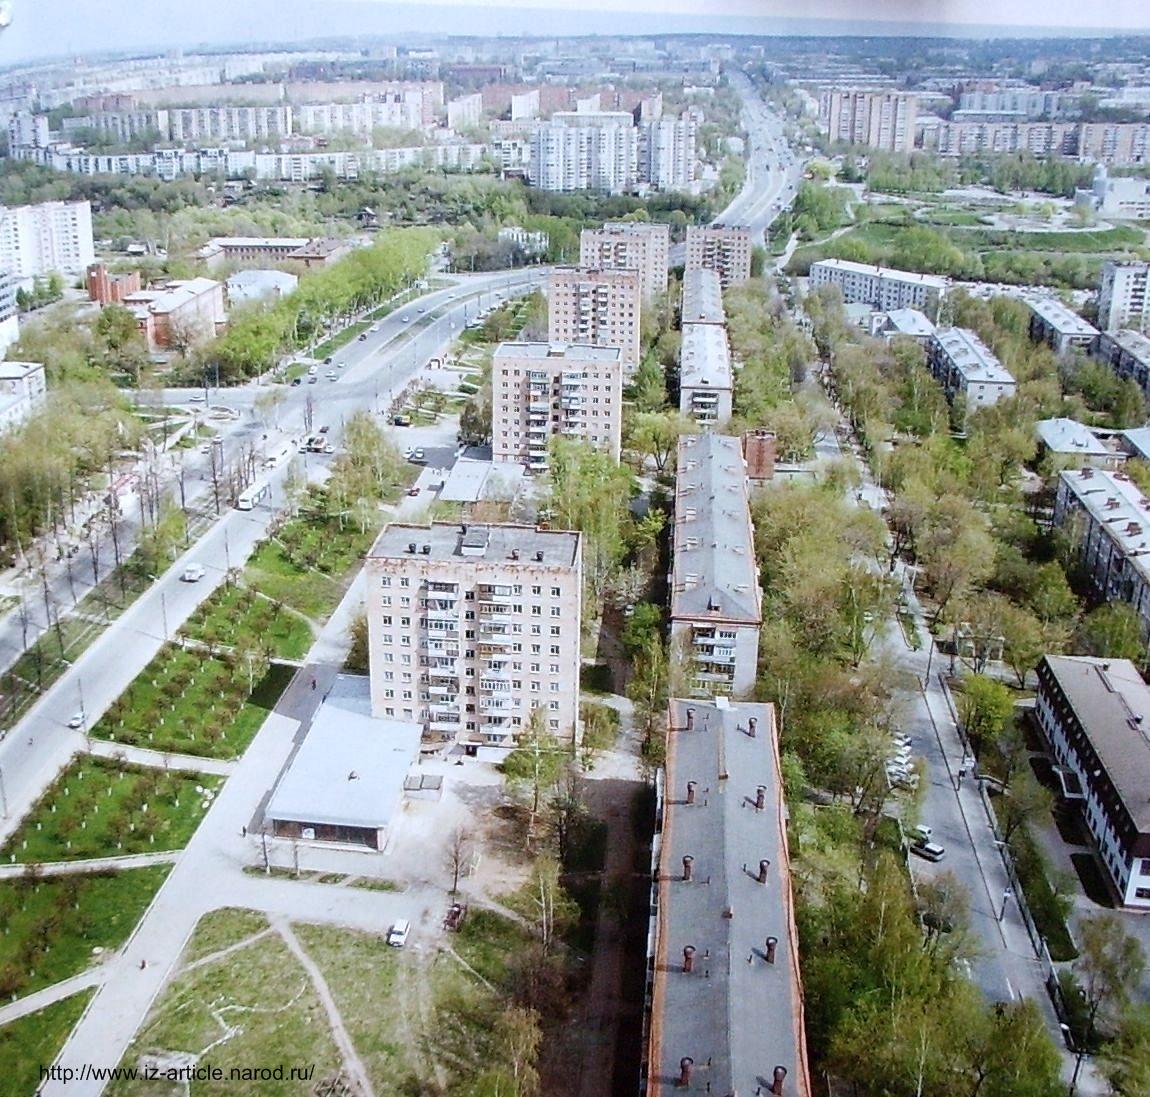 Улица Кирова Ижевск. Вид сверху.